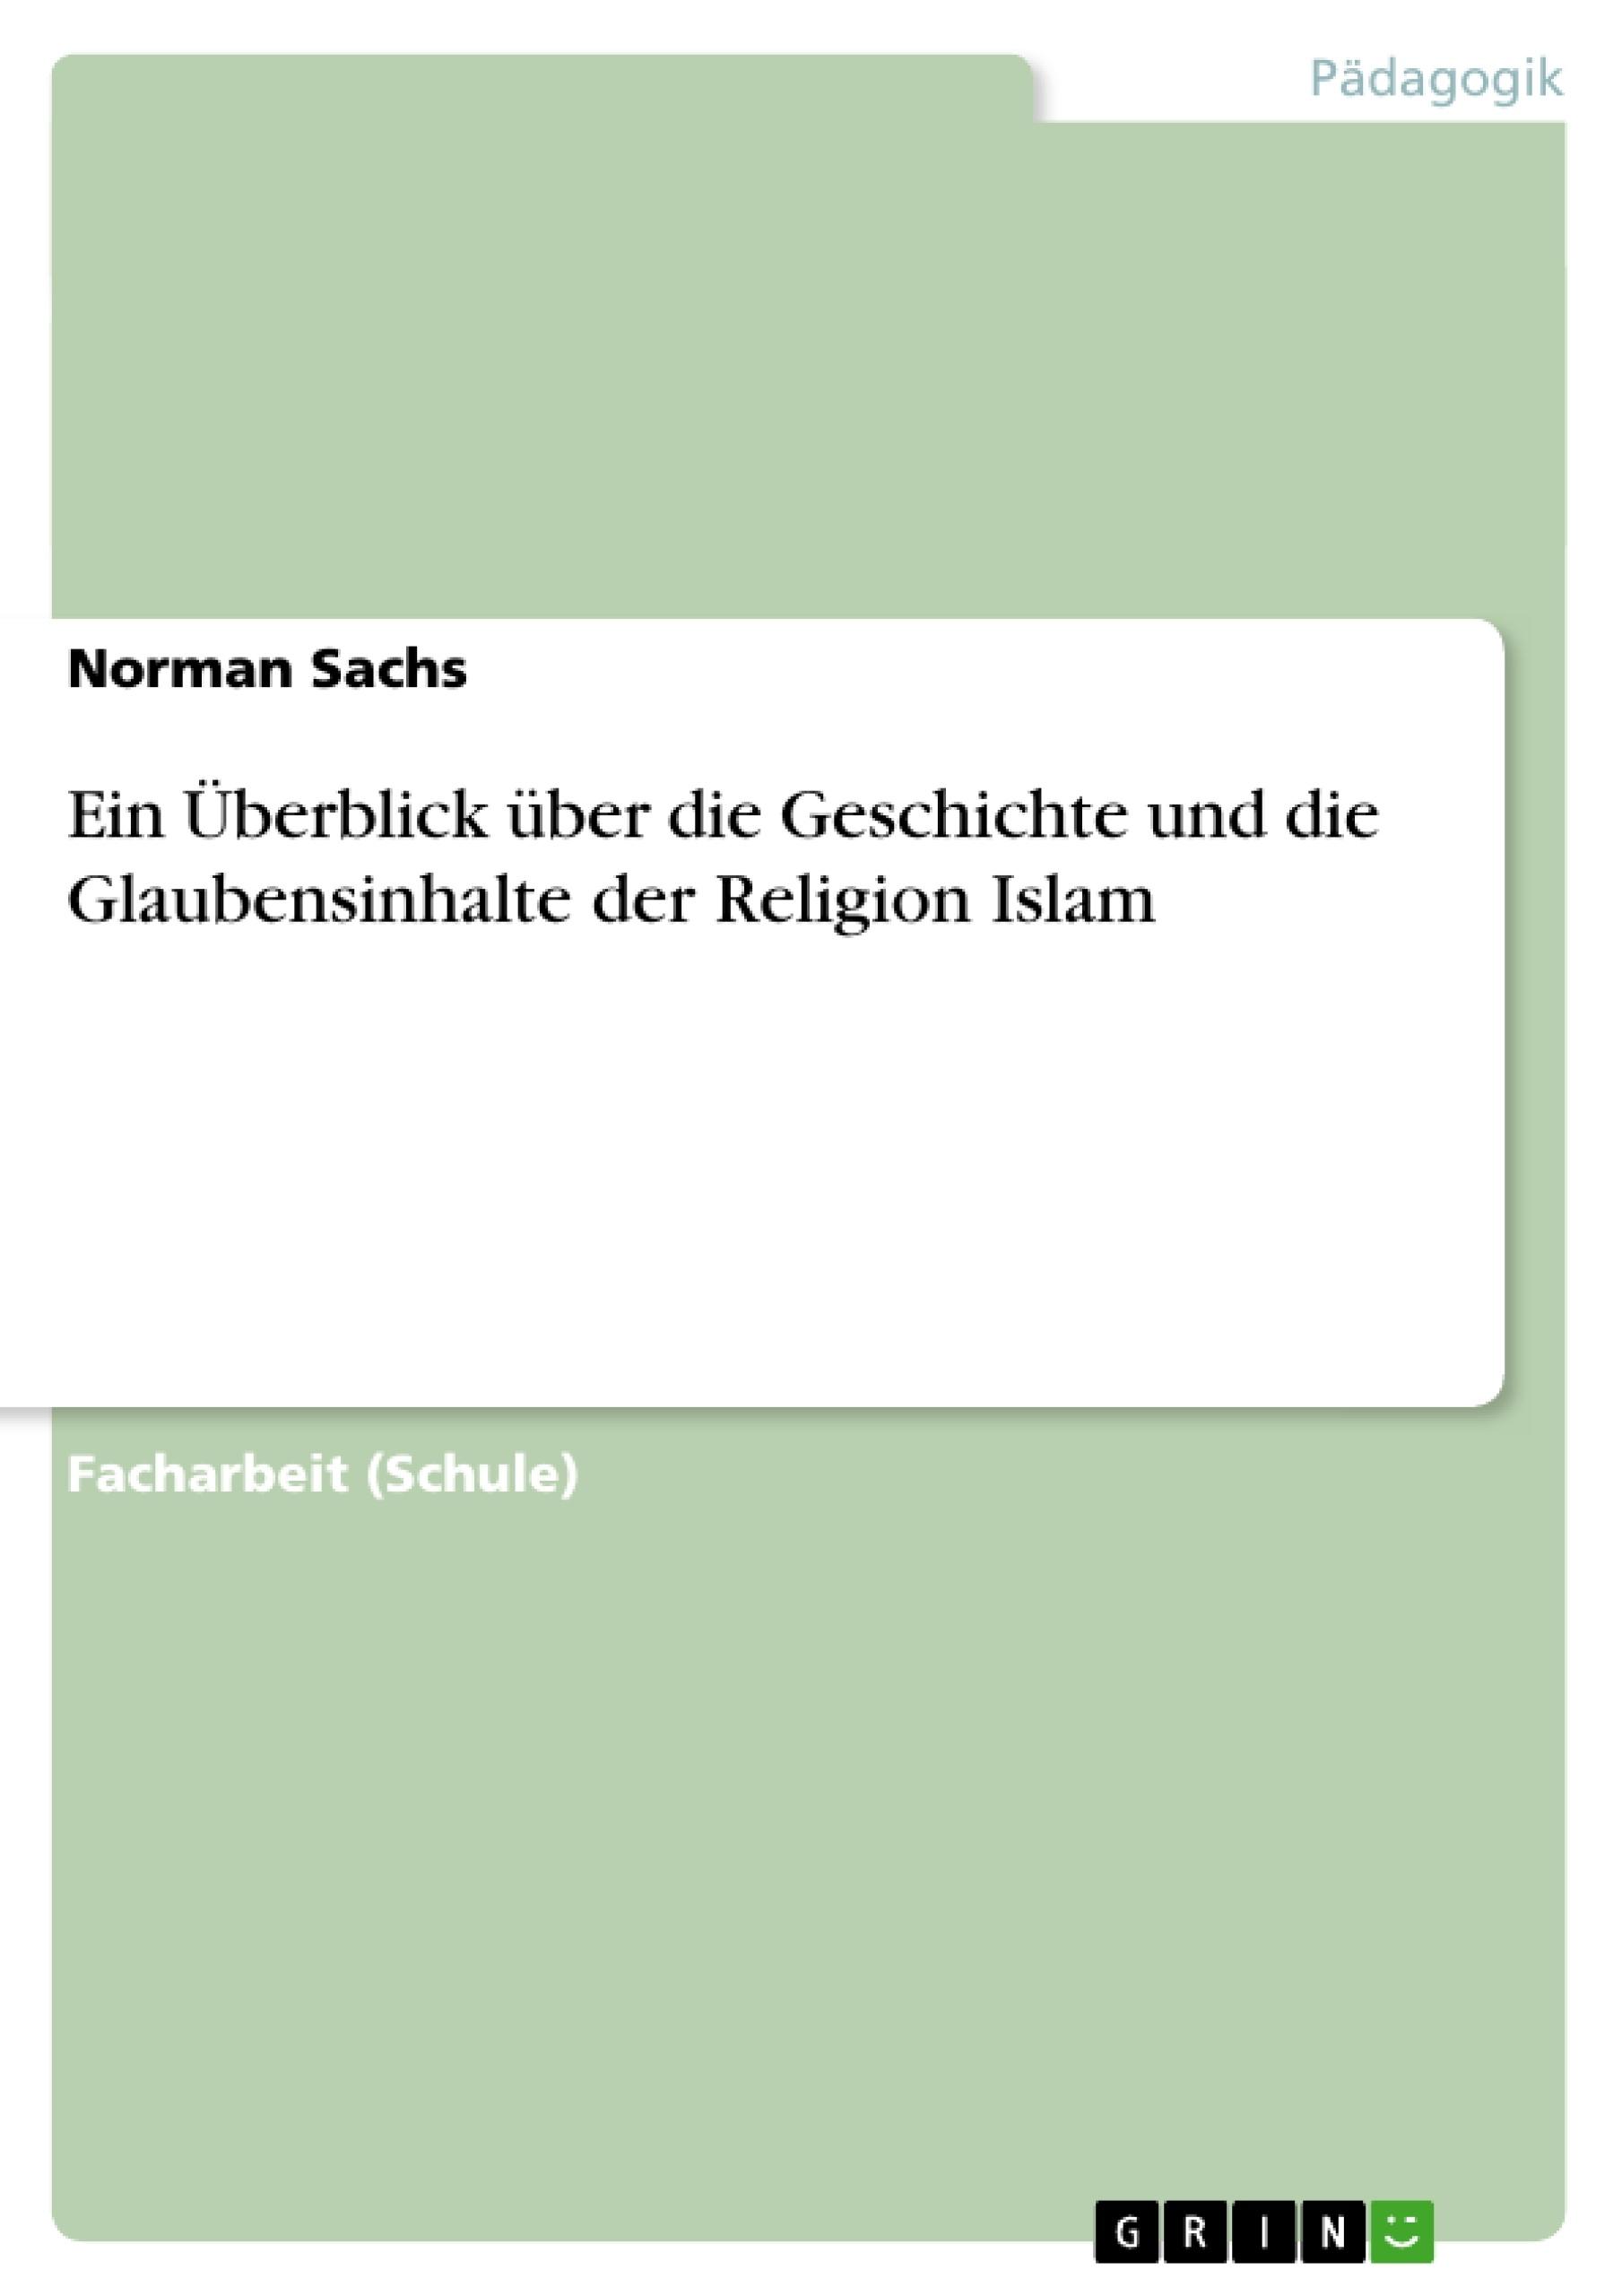 Titel: Ein Überblick über die Geschichte und die Glaubensinhalte der Religion Islam